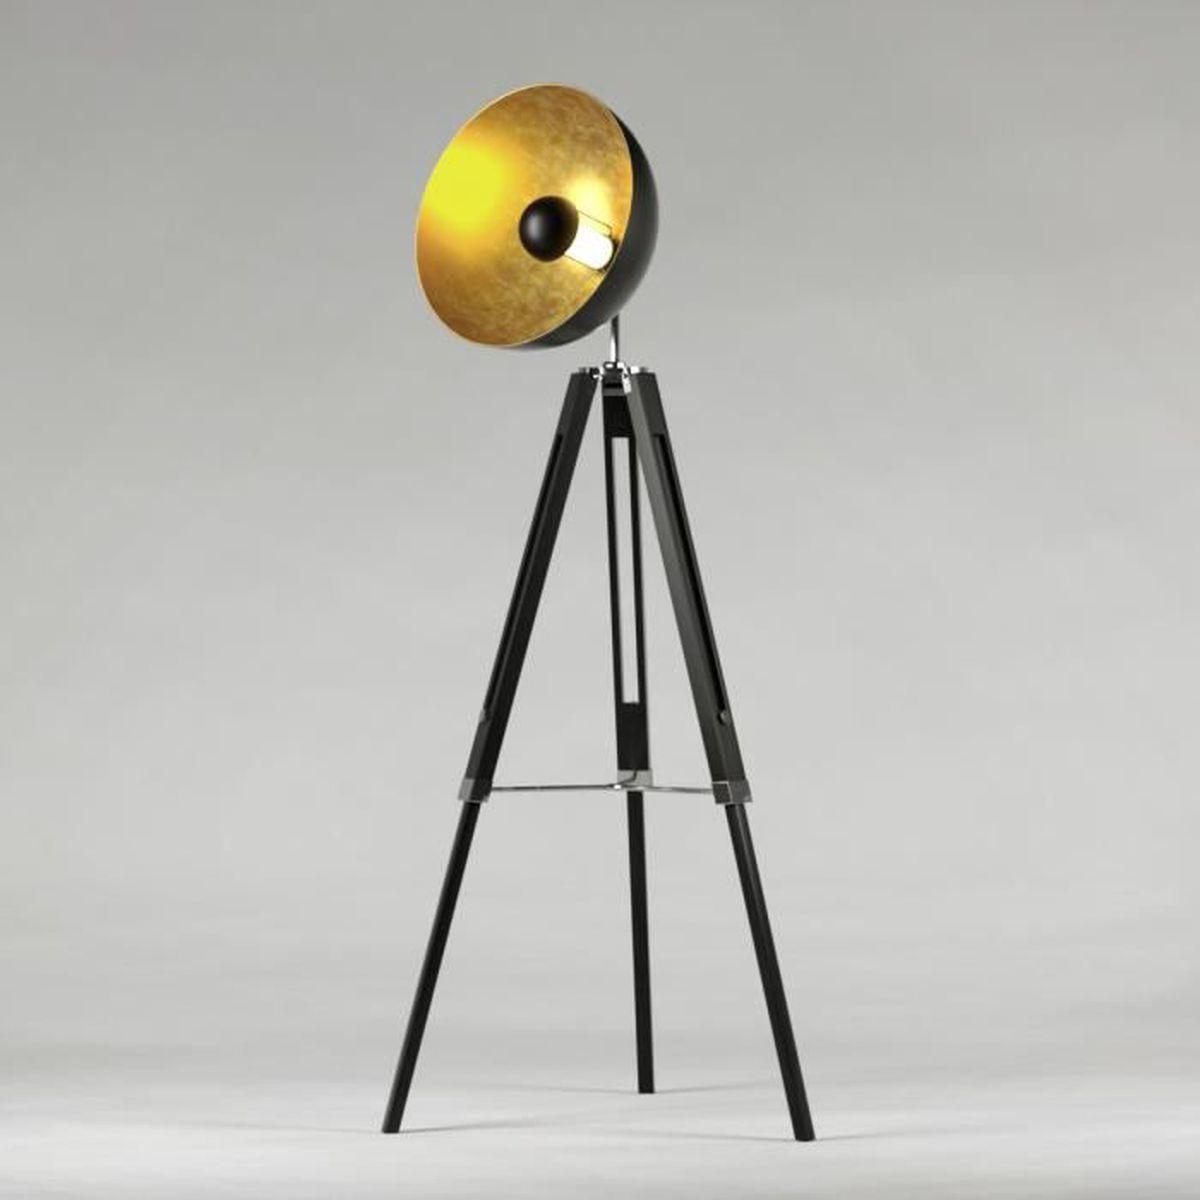 lampadaire achat vente lampadaire pas cher les soldes sur cdiscount cdiscount. Black Bedroom Furniture Sets. Home Design Ideas